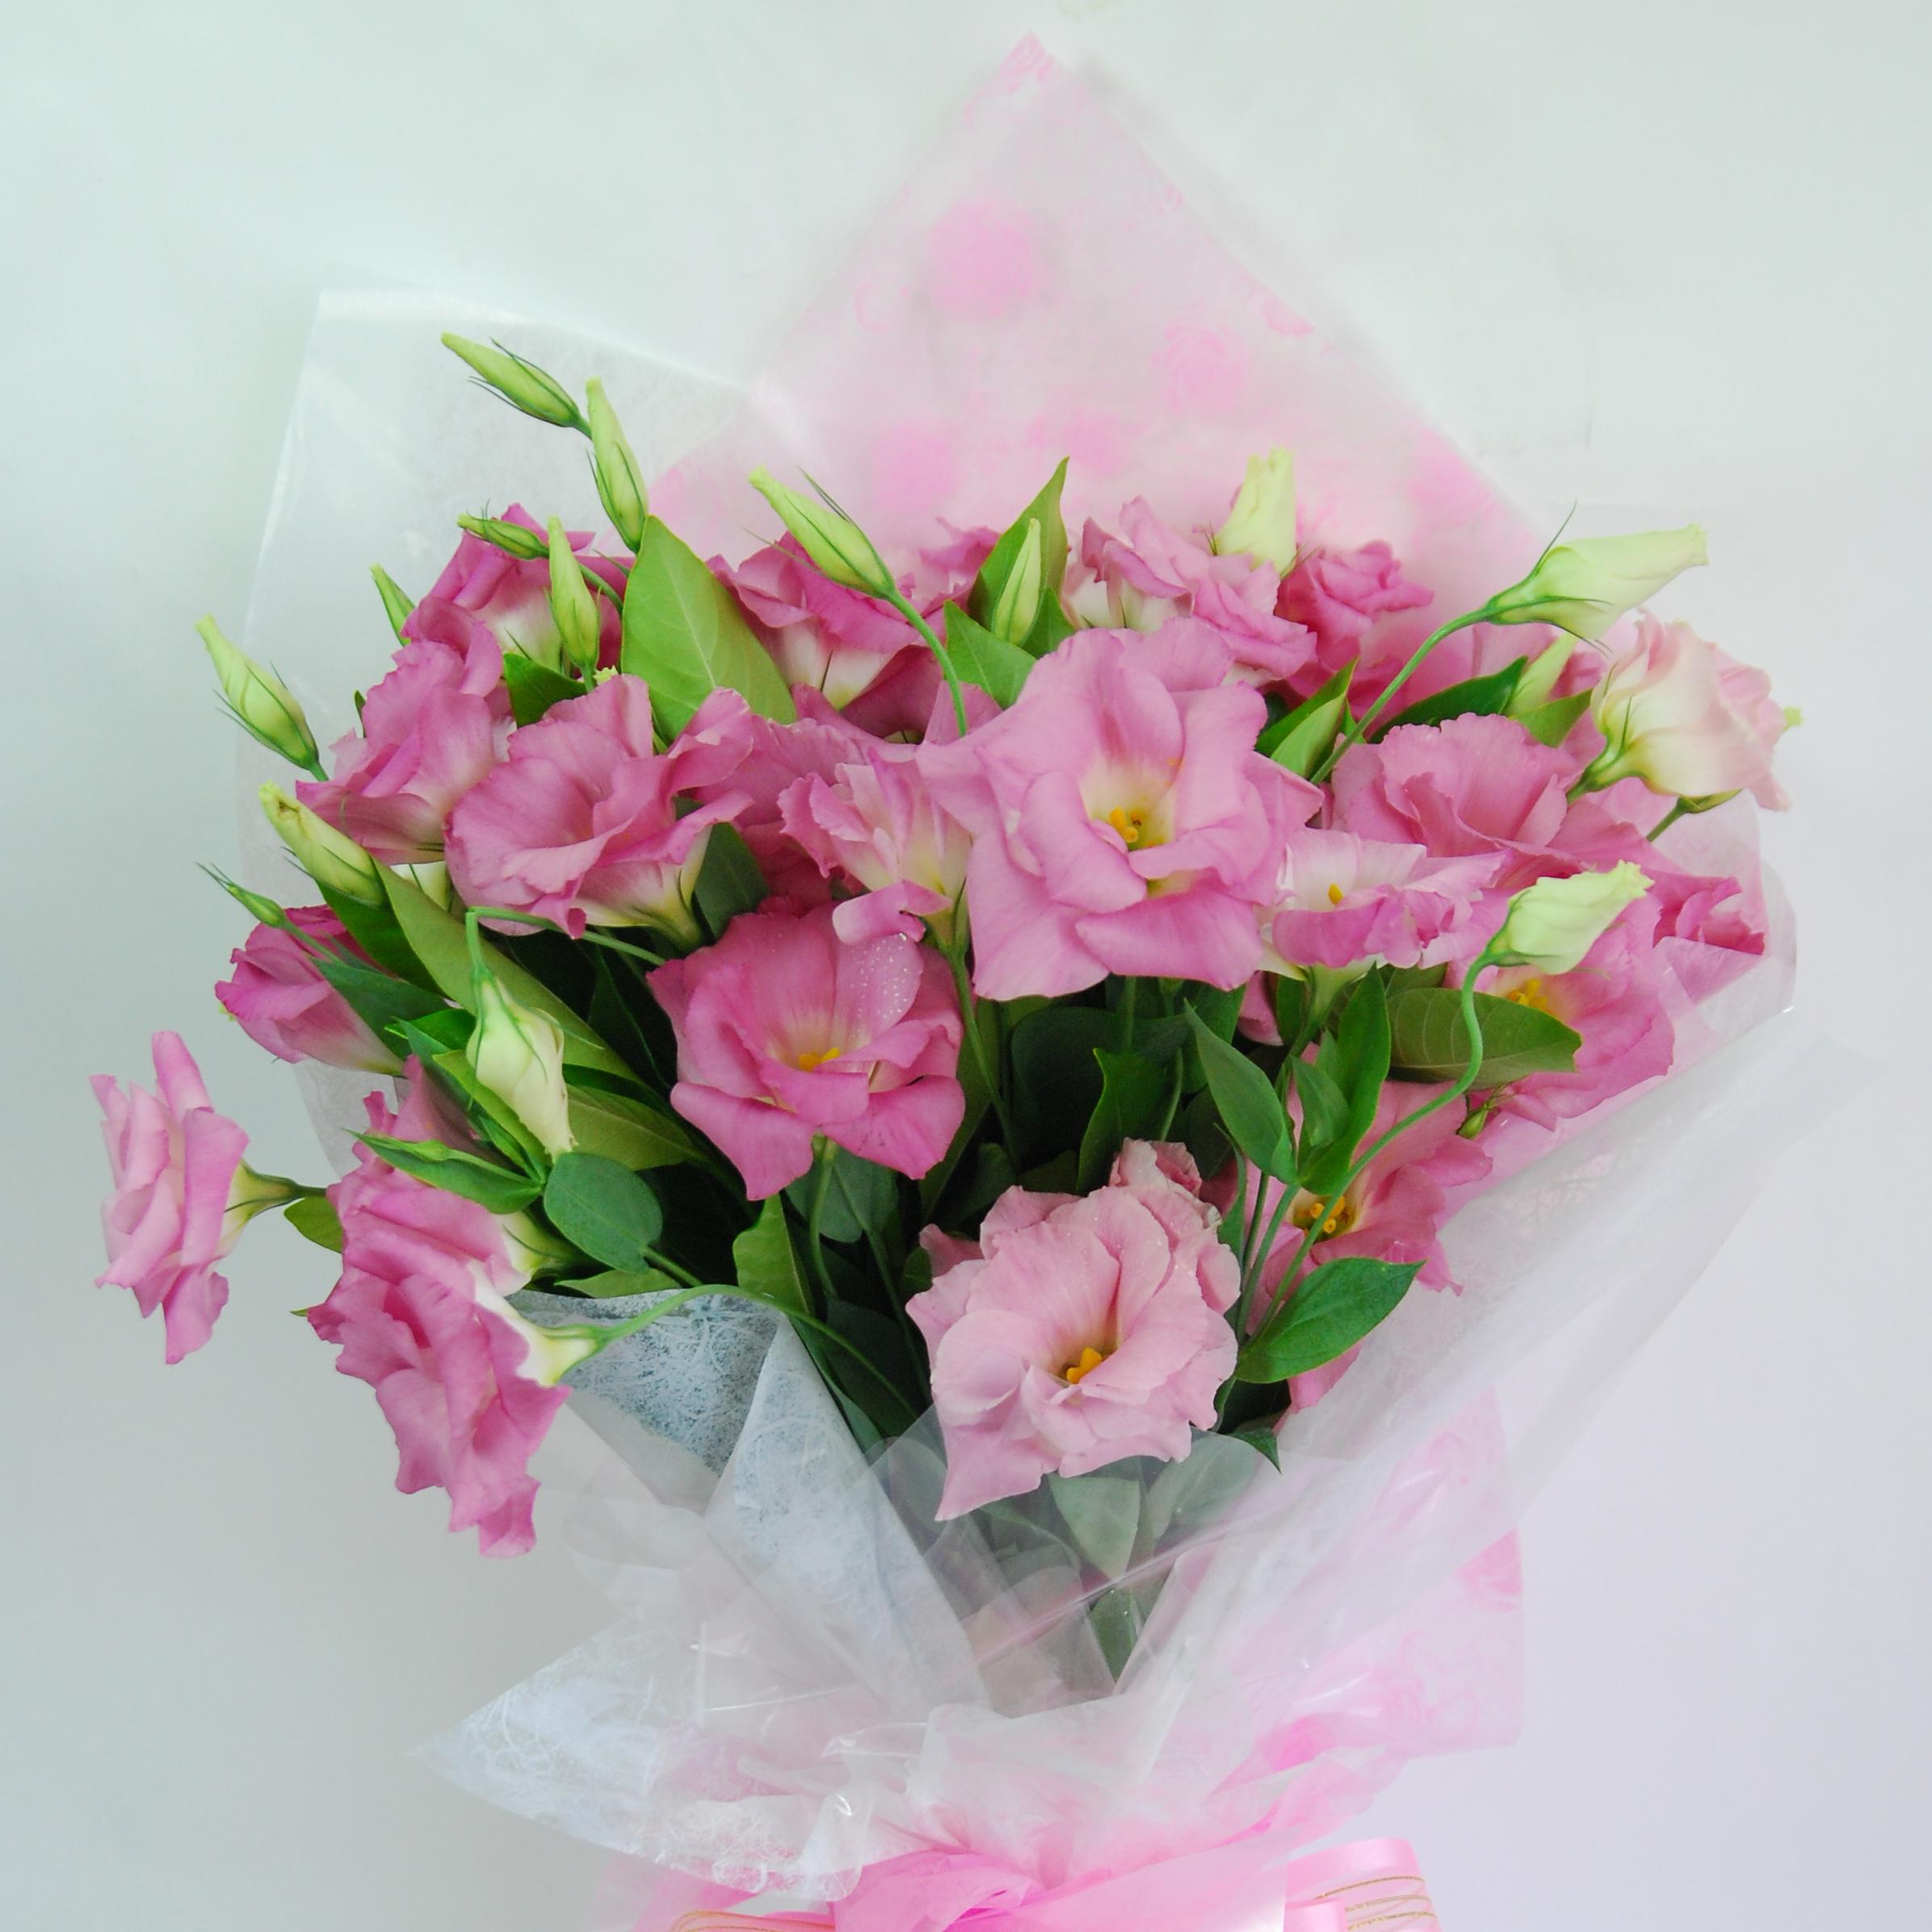 【巧繪網-FJ520134粉色花漾】=新鮮粉桔梗花束‧粉嫩熱賣中=網路花店/傳情花束/禮物